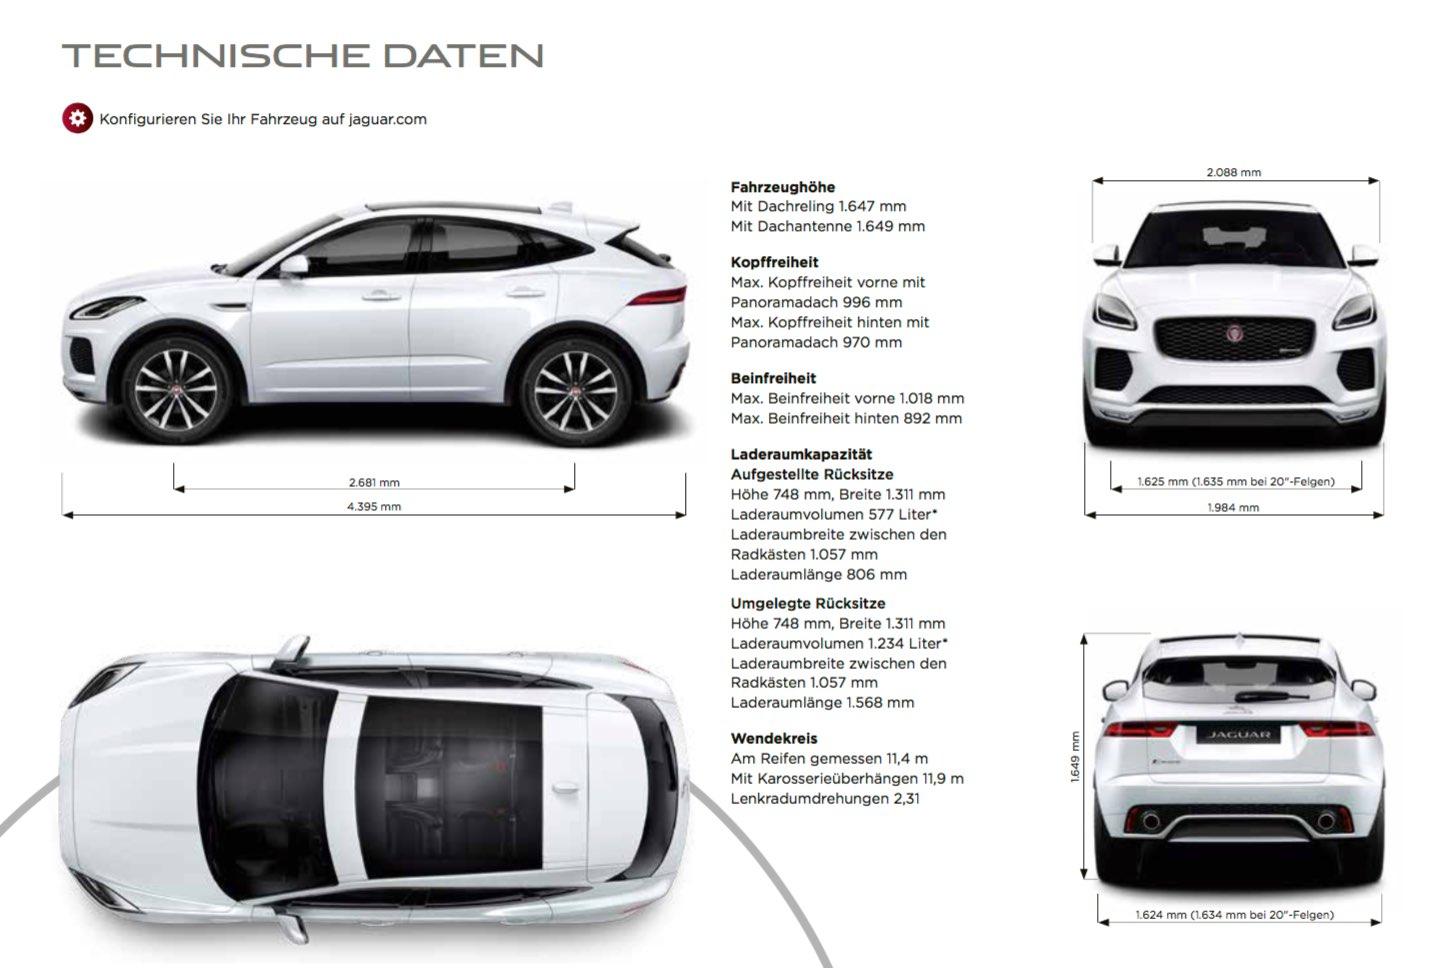 Technische Daten Jaguar E-Pace 2018